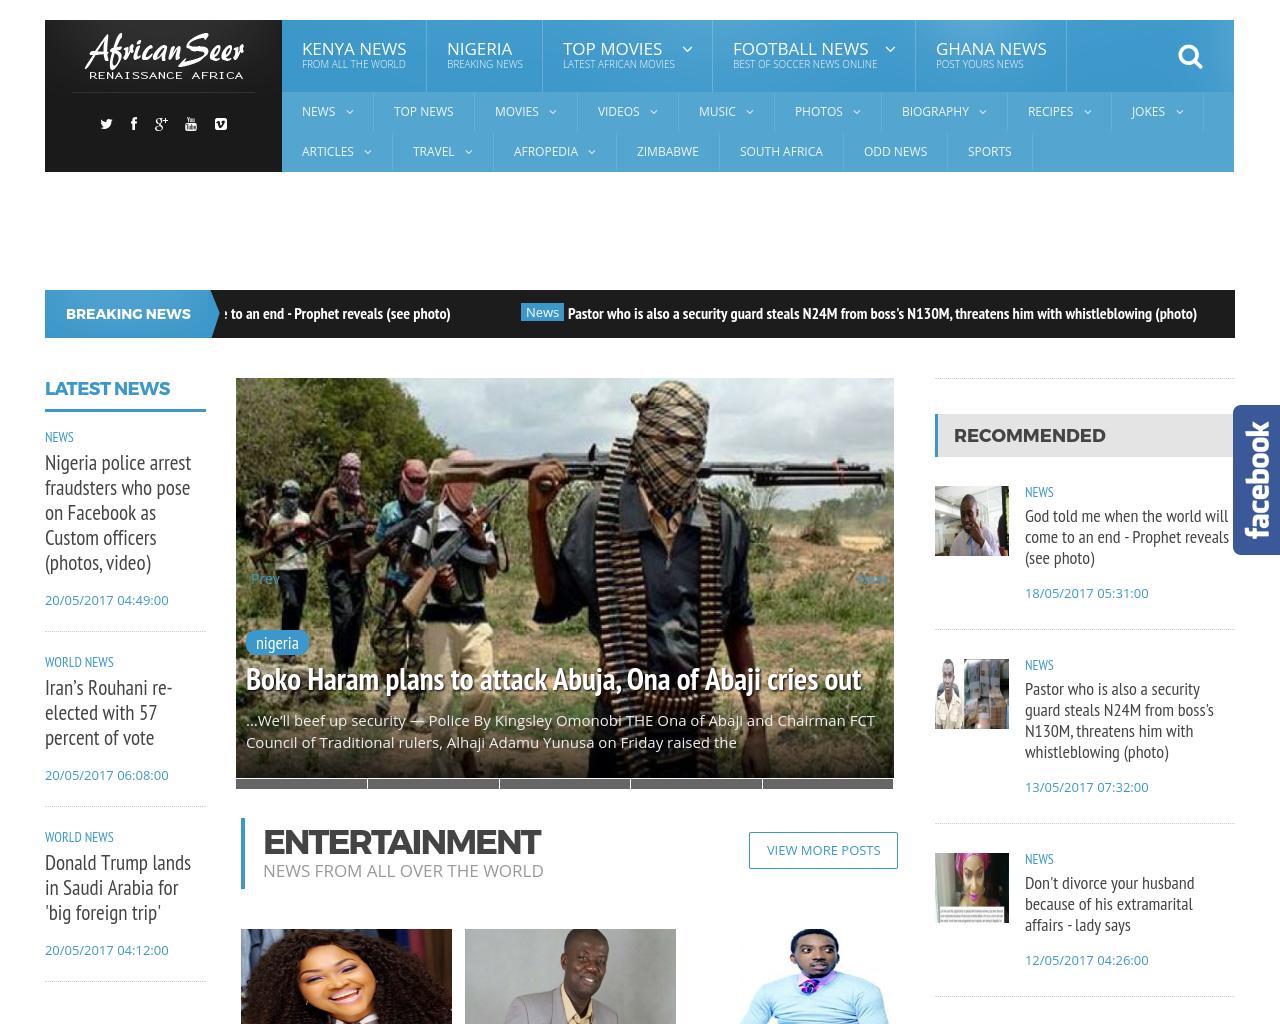 AfricanSeer-Advertising-Reviews-Pricing